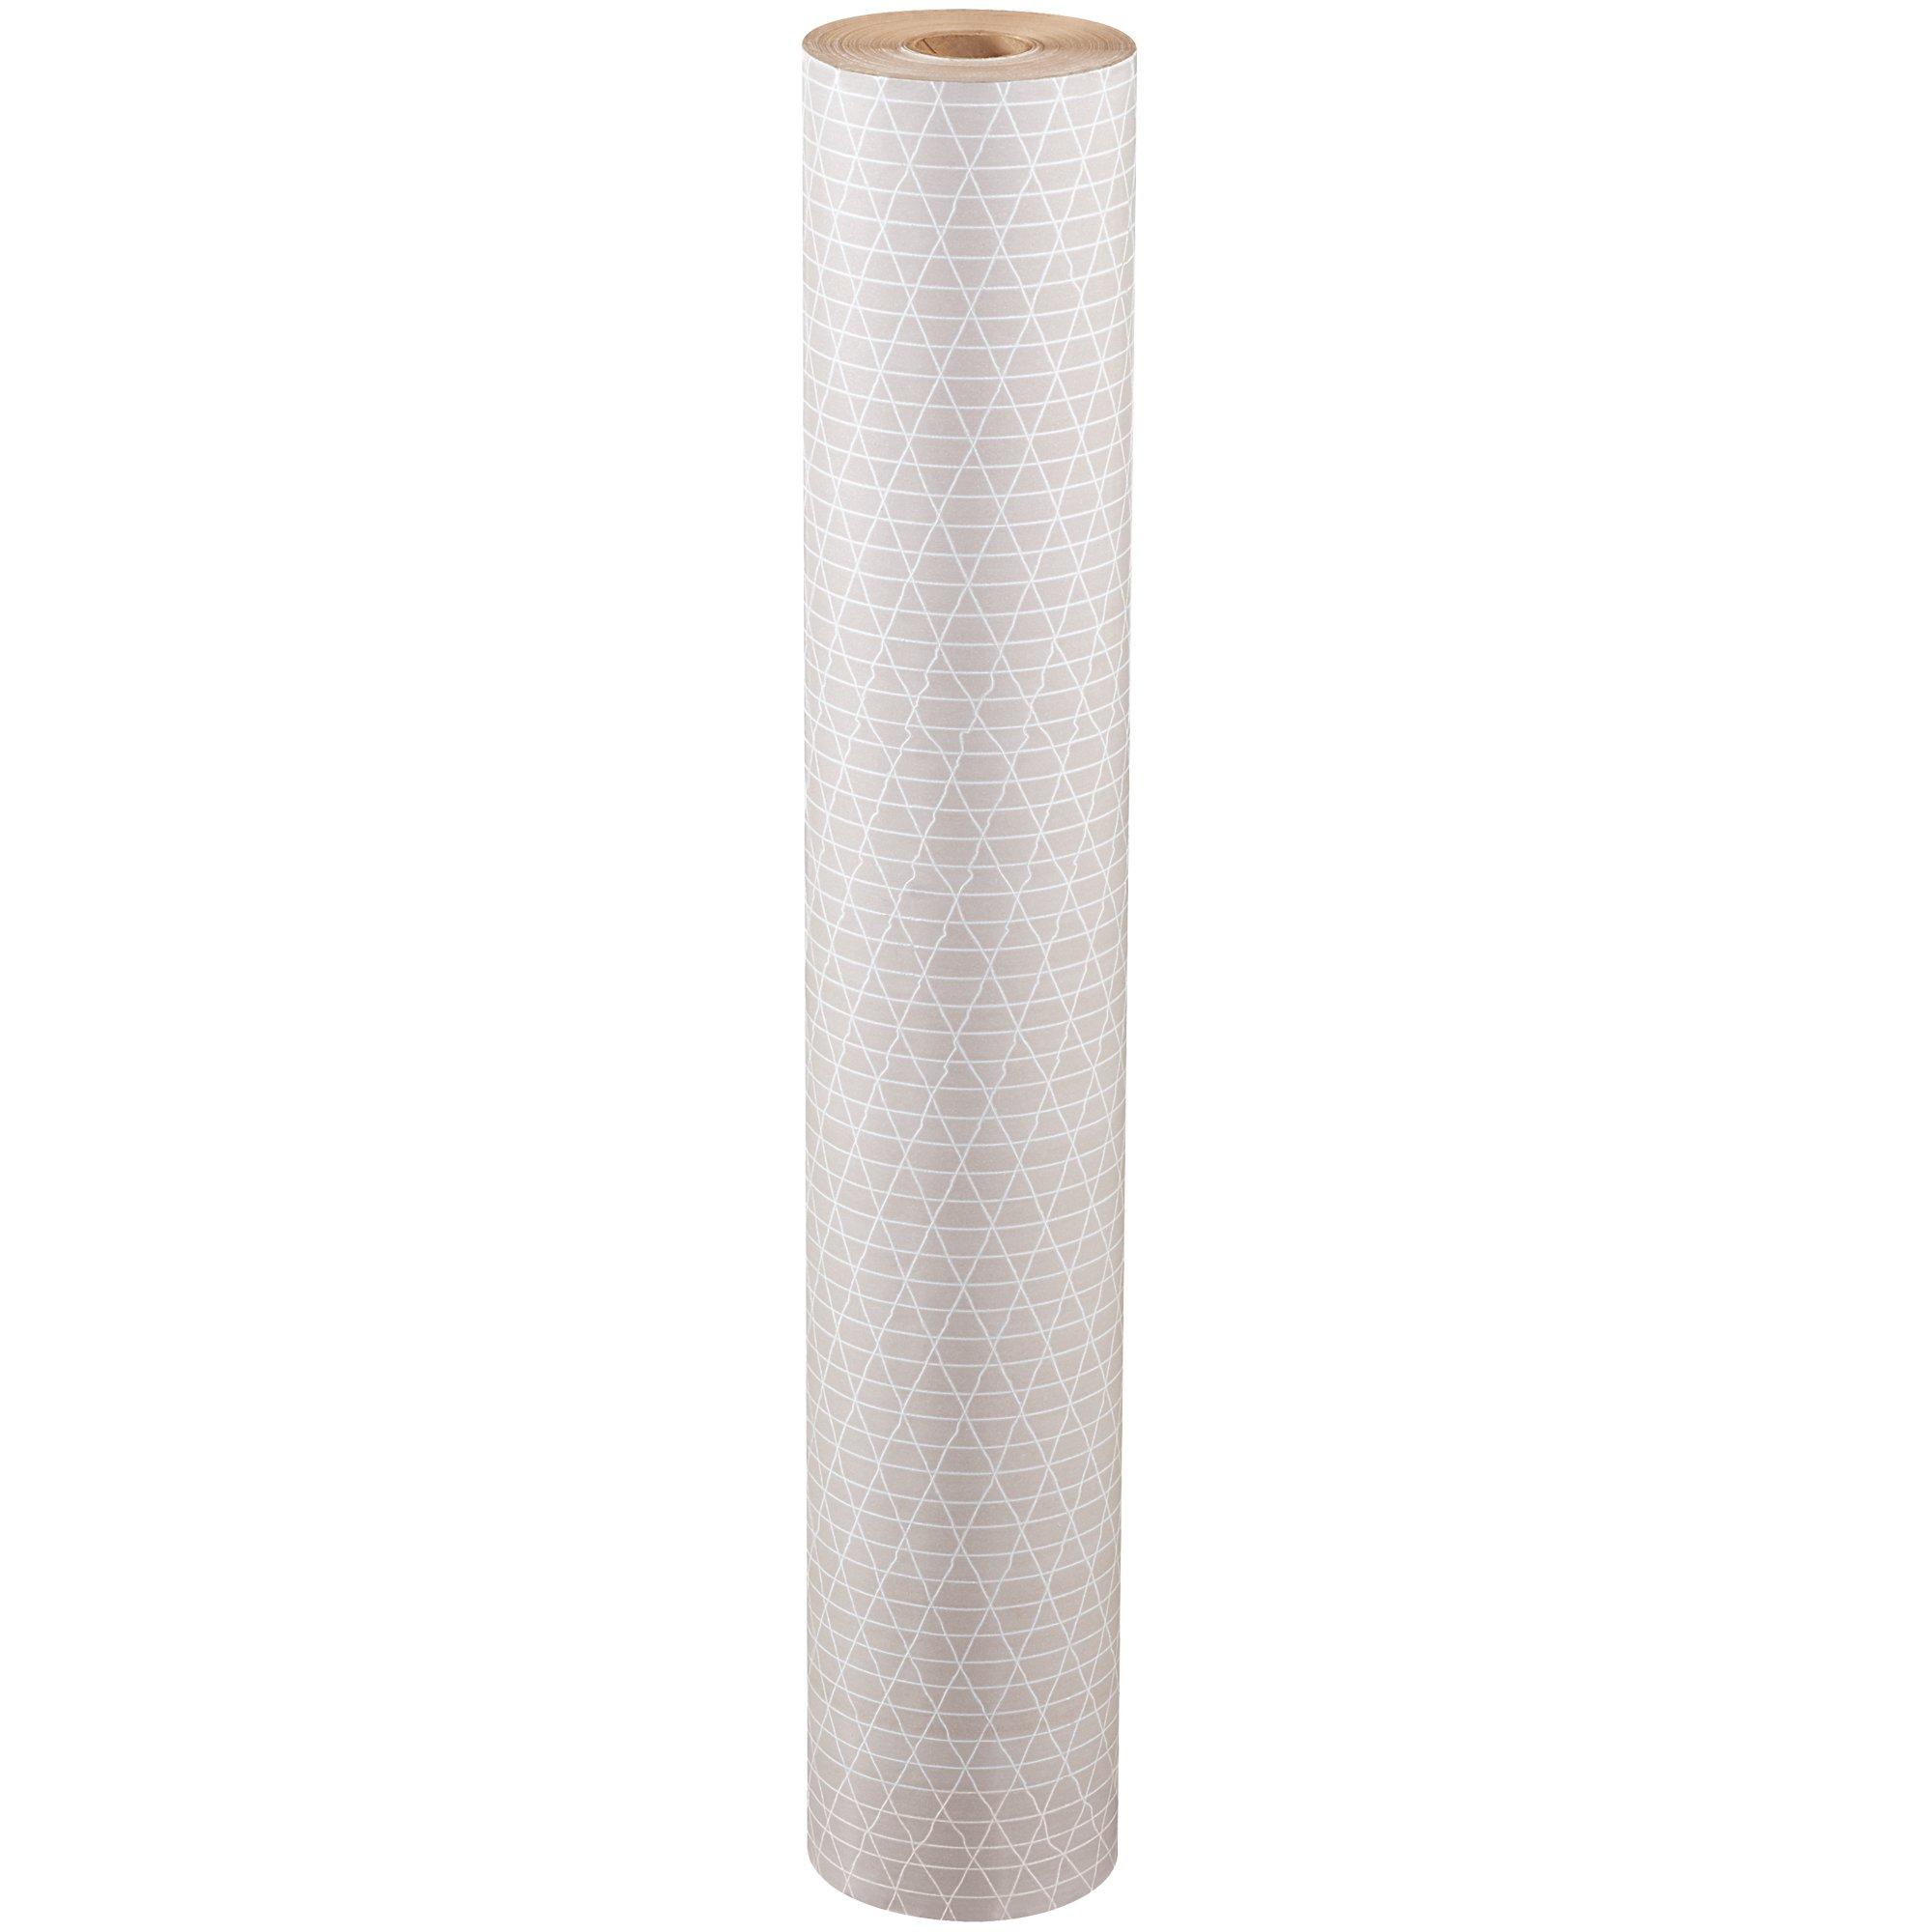 Reinforced Kraft Paper Rolls, 36'' x 300', Kraft, 1/Roll by Choice Shipping Supplies